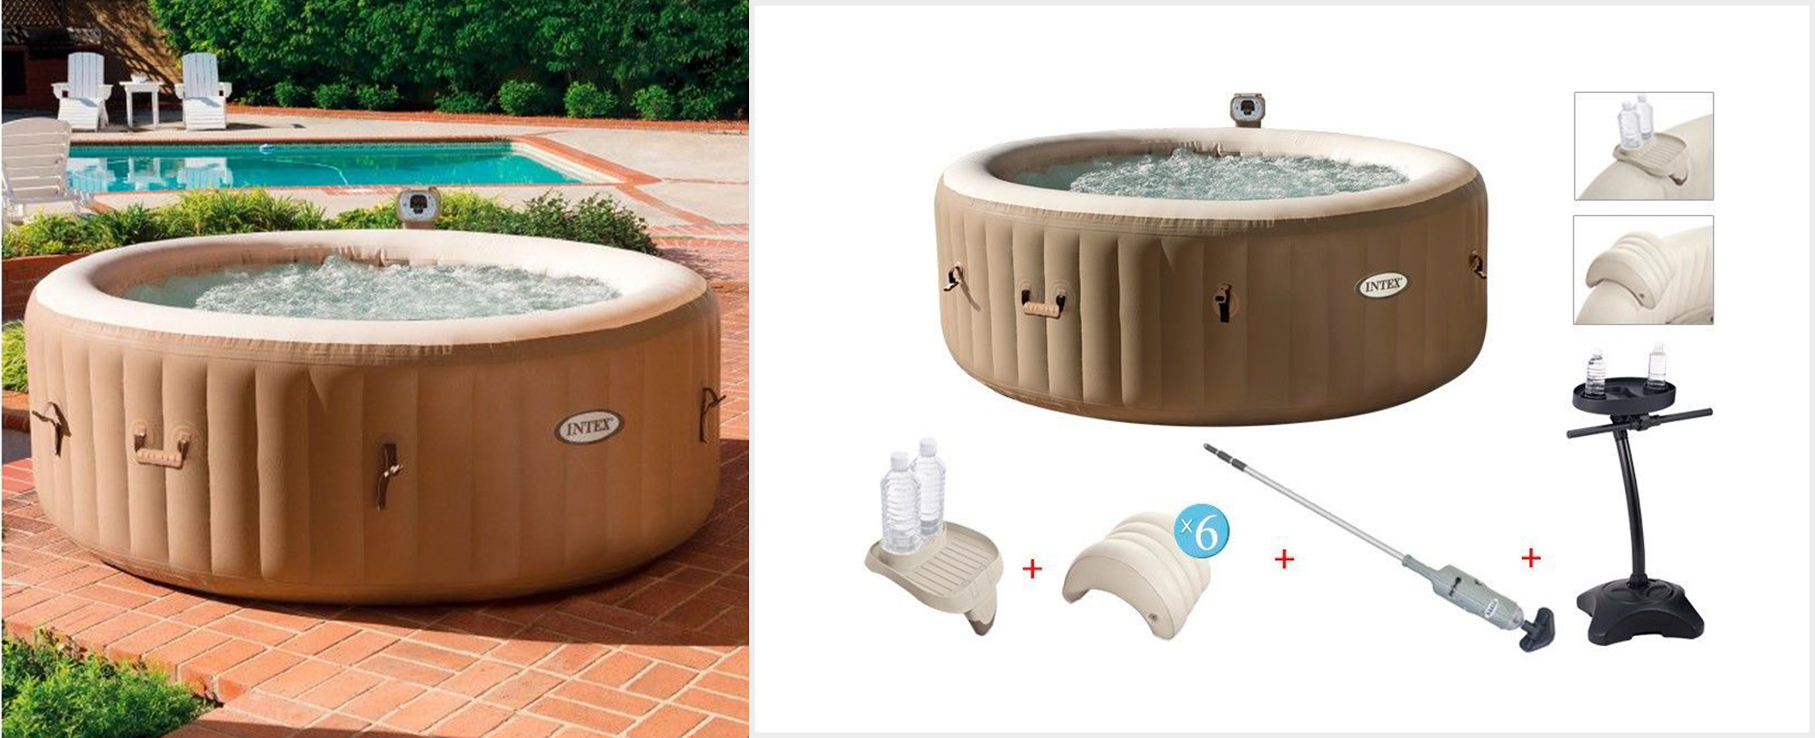 mejores balnearios España - Pack Spa Intex